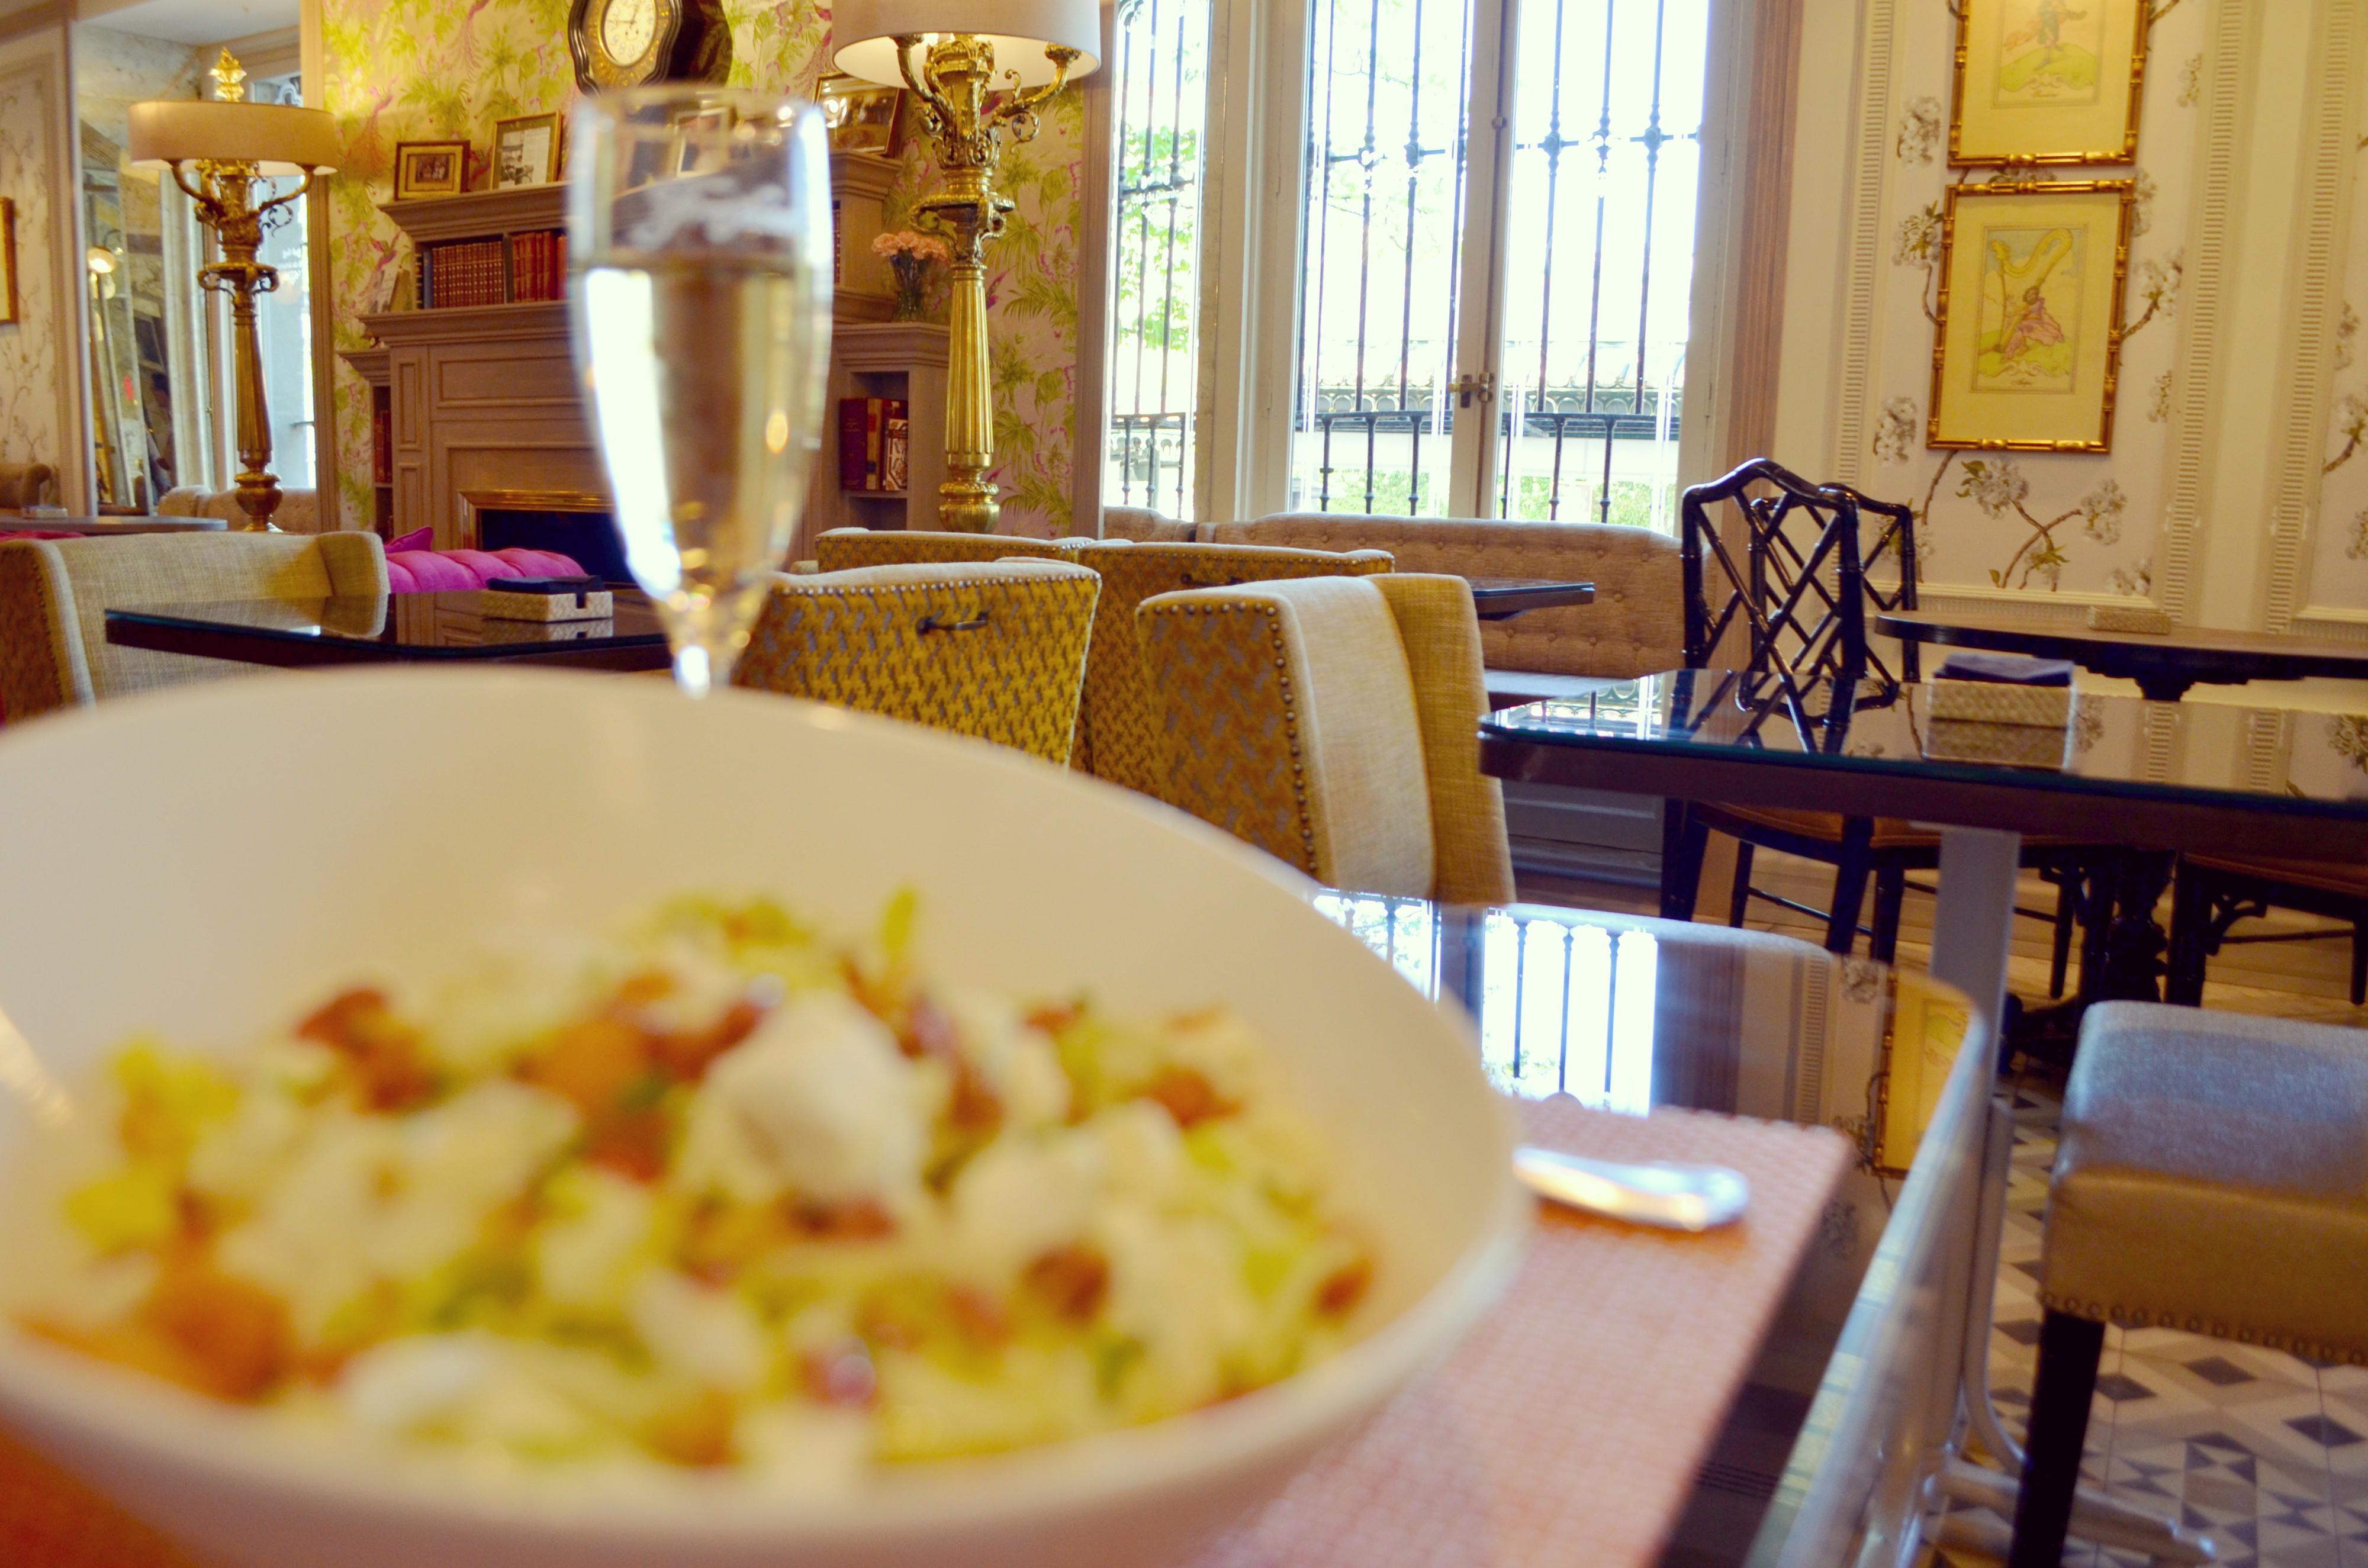 Los-mejores-brunch-de-Madrid-Cafe-de-Oriente-Ensalada-con-queso-de-cabra-blog-de-moda-ChicAdicta-Chic-Adicta-PiensaenChic-Piensa-en-Chic